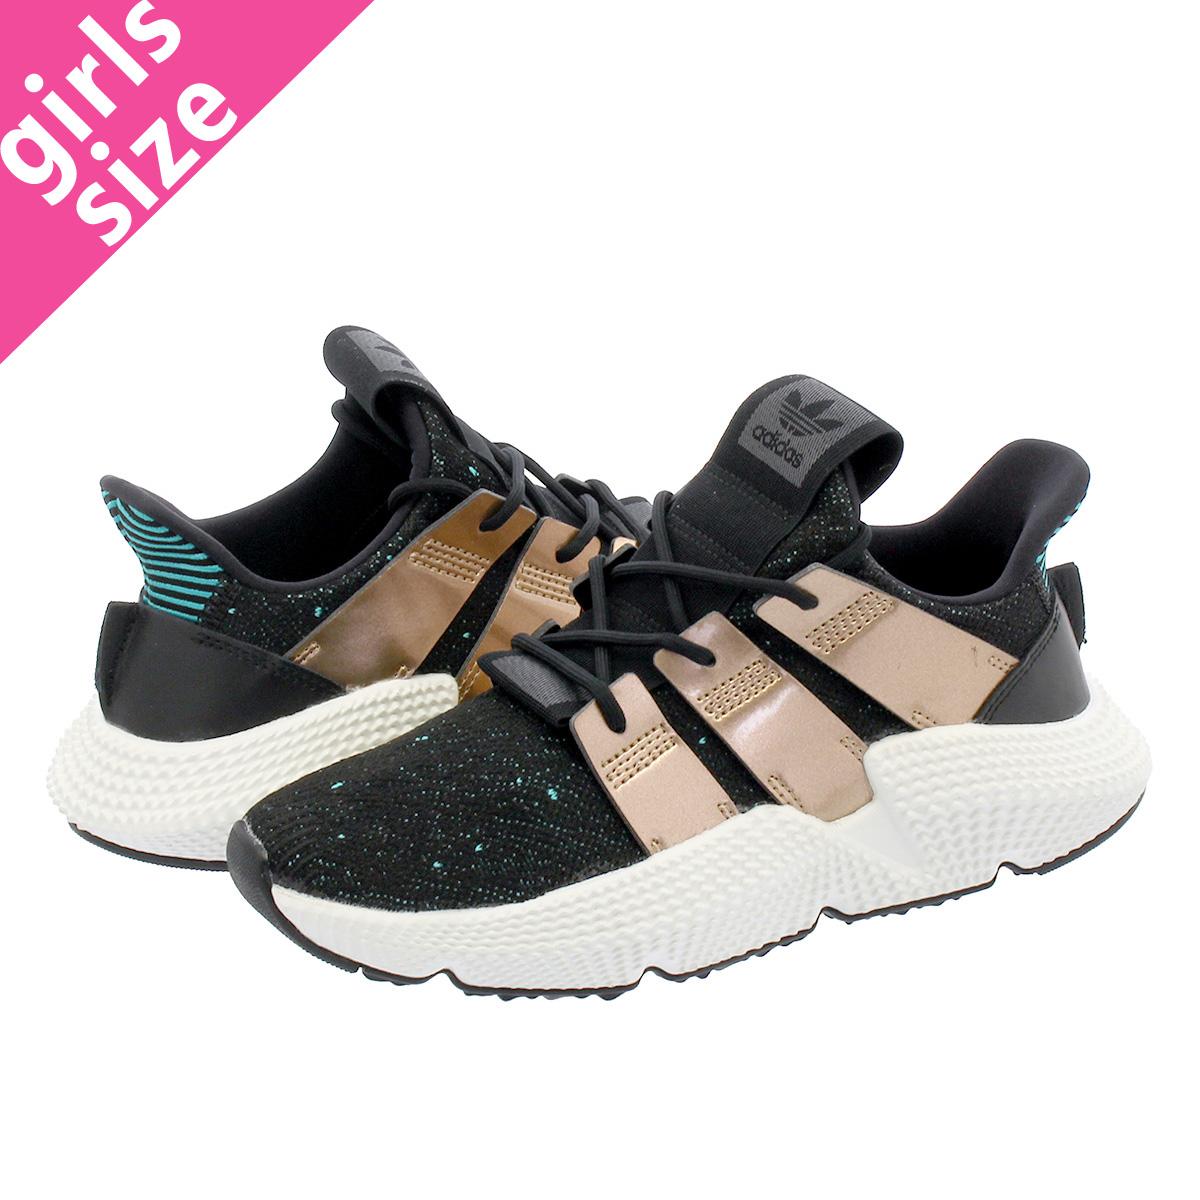 new arrivals 59611 c07e1 adidas PROPHERE W Adidas pro Fear W CORE BLACK LIGHT COPPER MET HI-RES AQUA